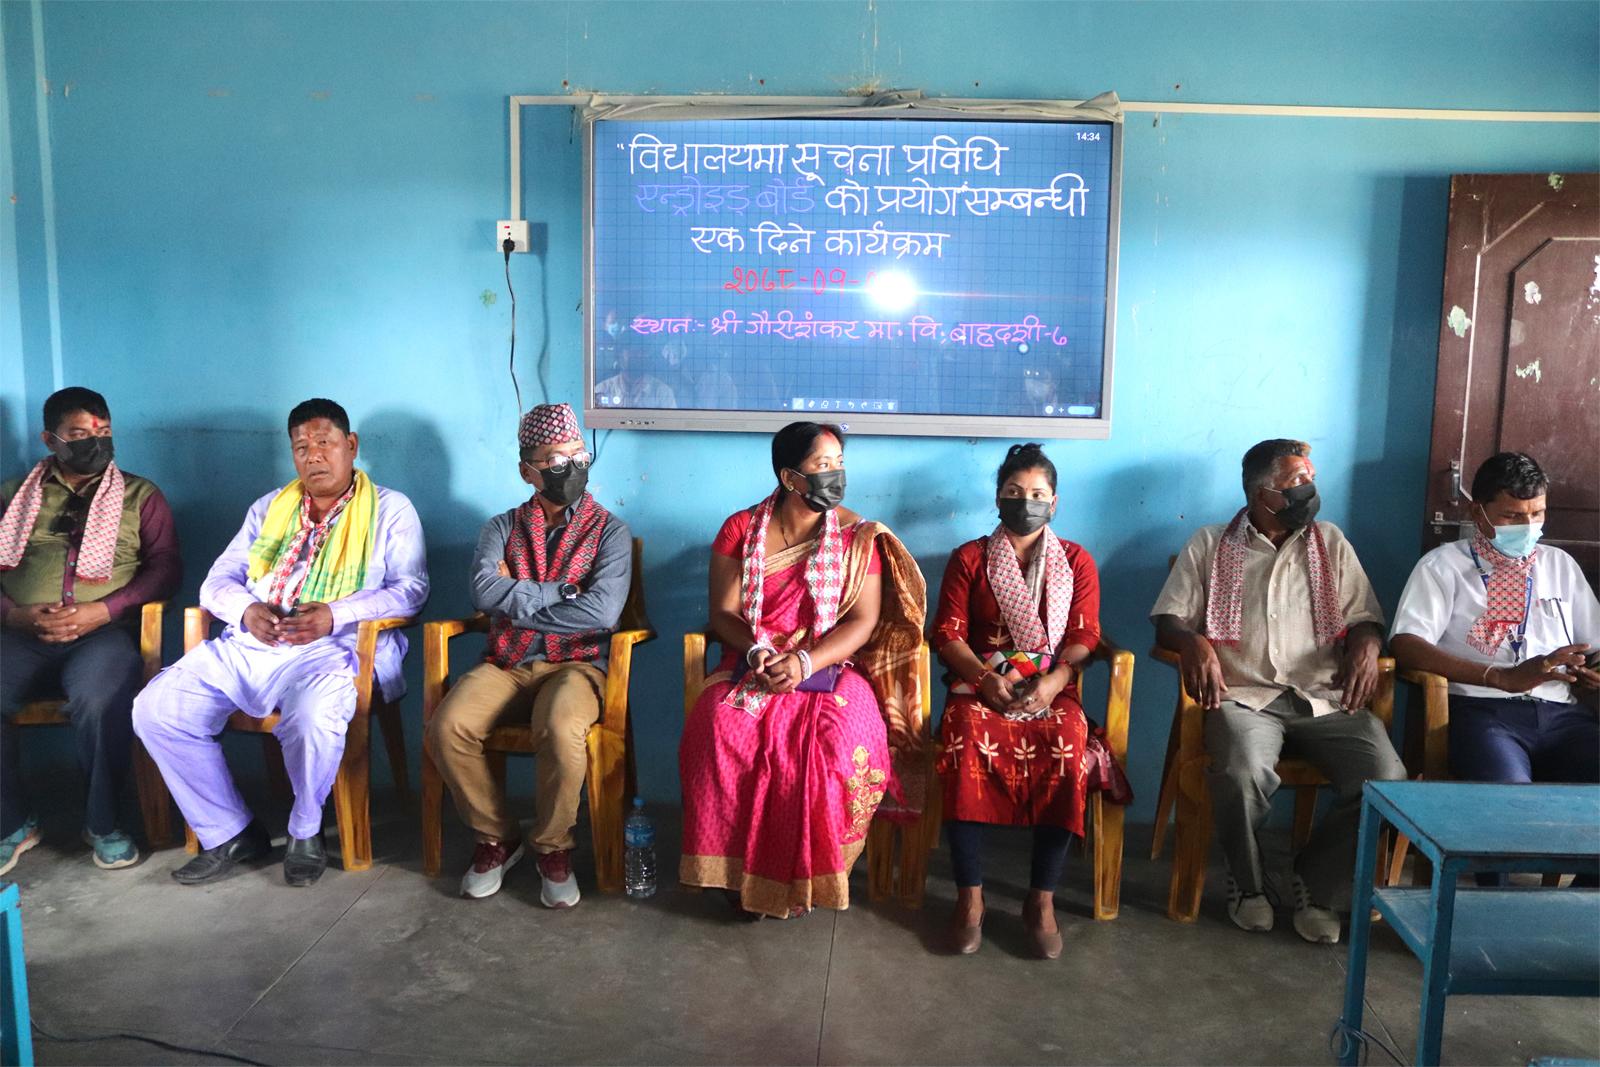 ग्रामीण क्षेत्रका विद्यालय 'स्मार्ट' र प्रविधिमैत्री बन्दै